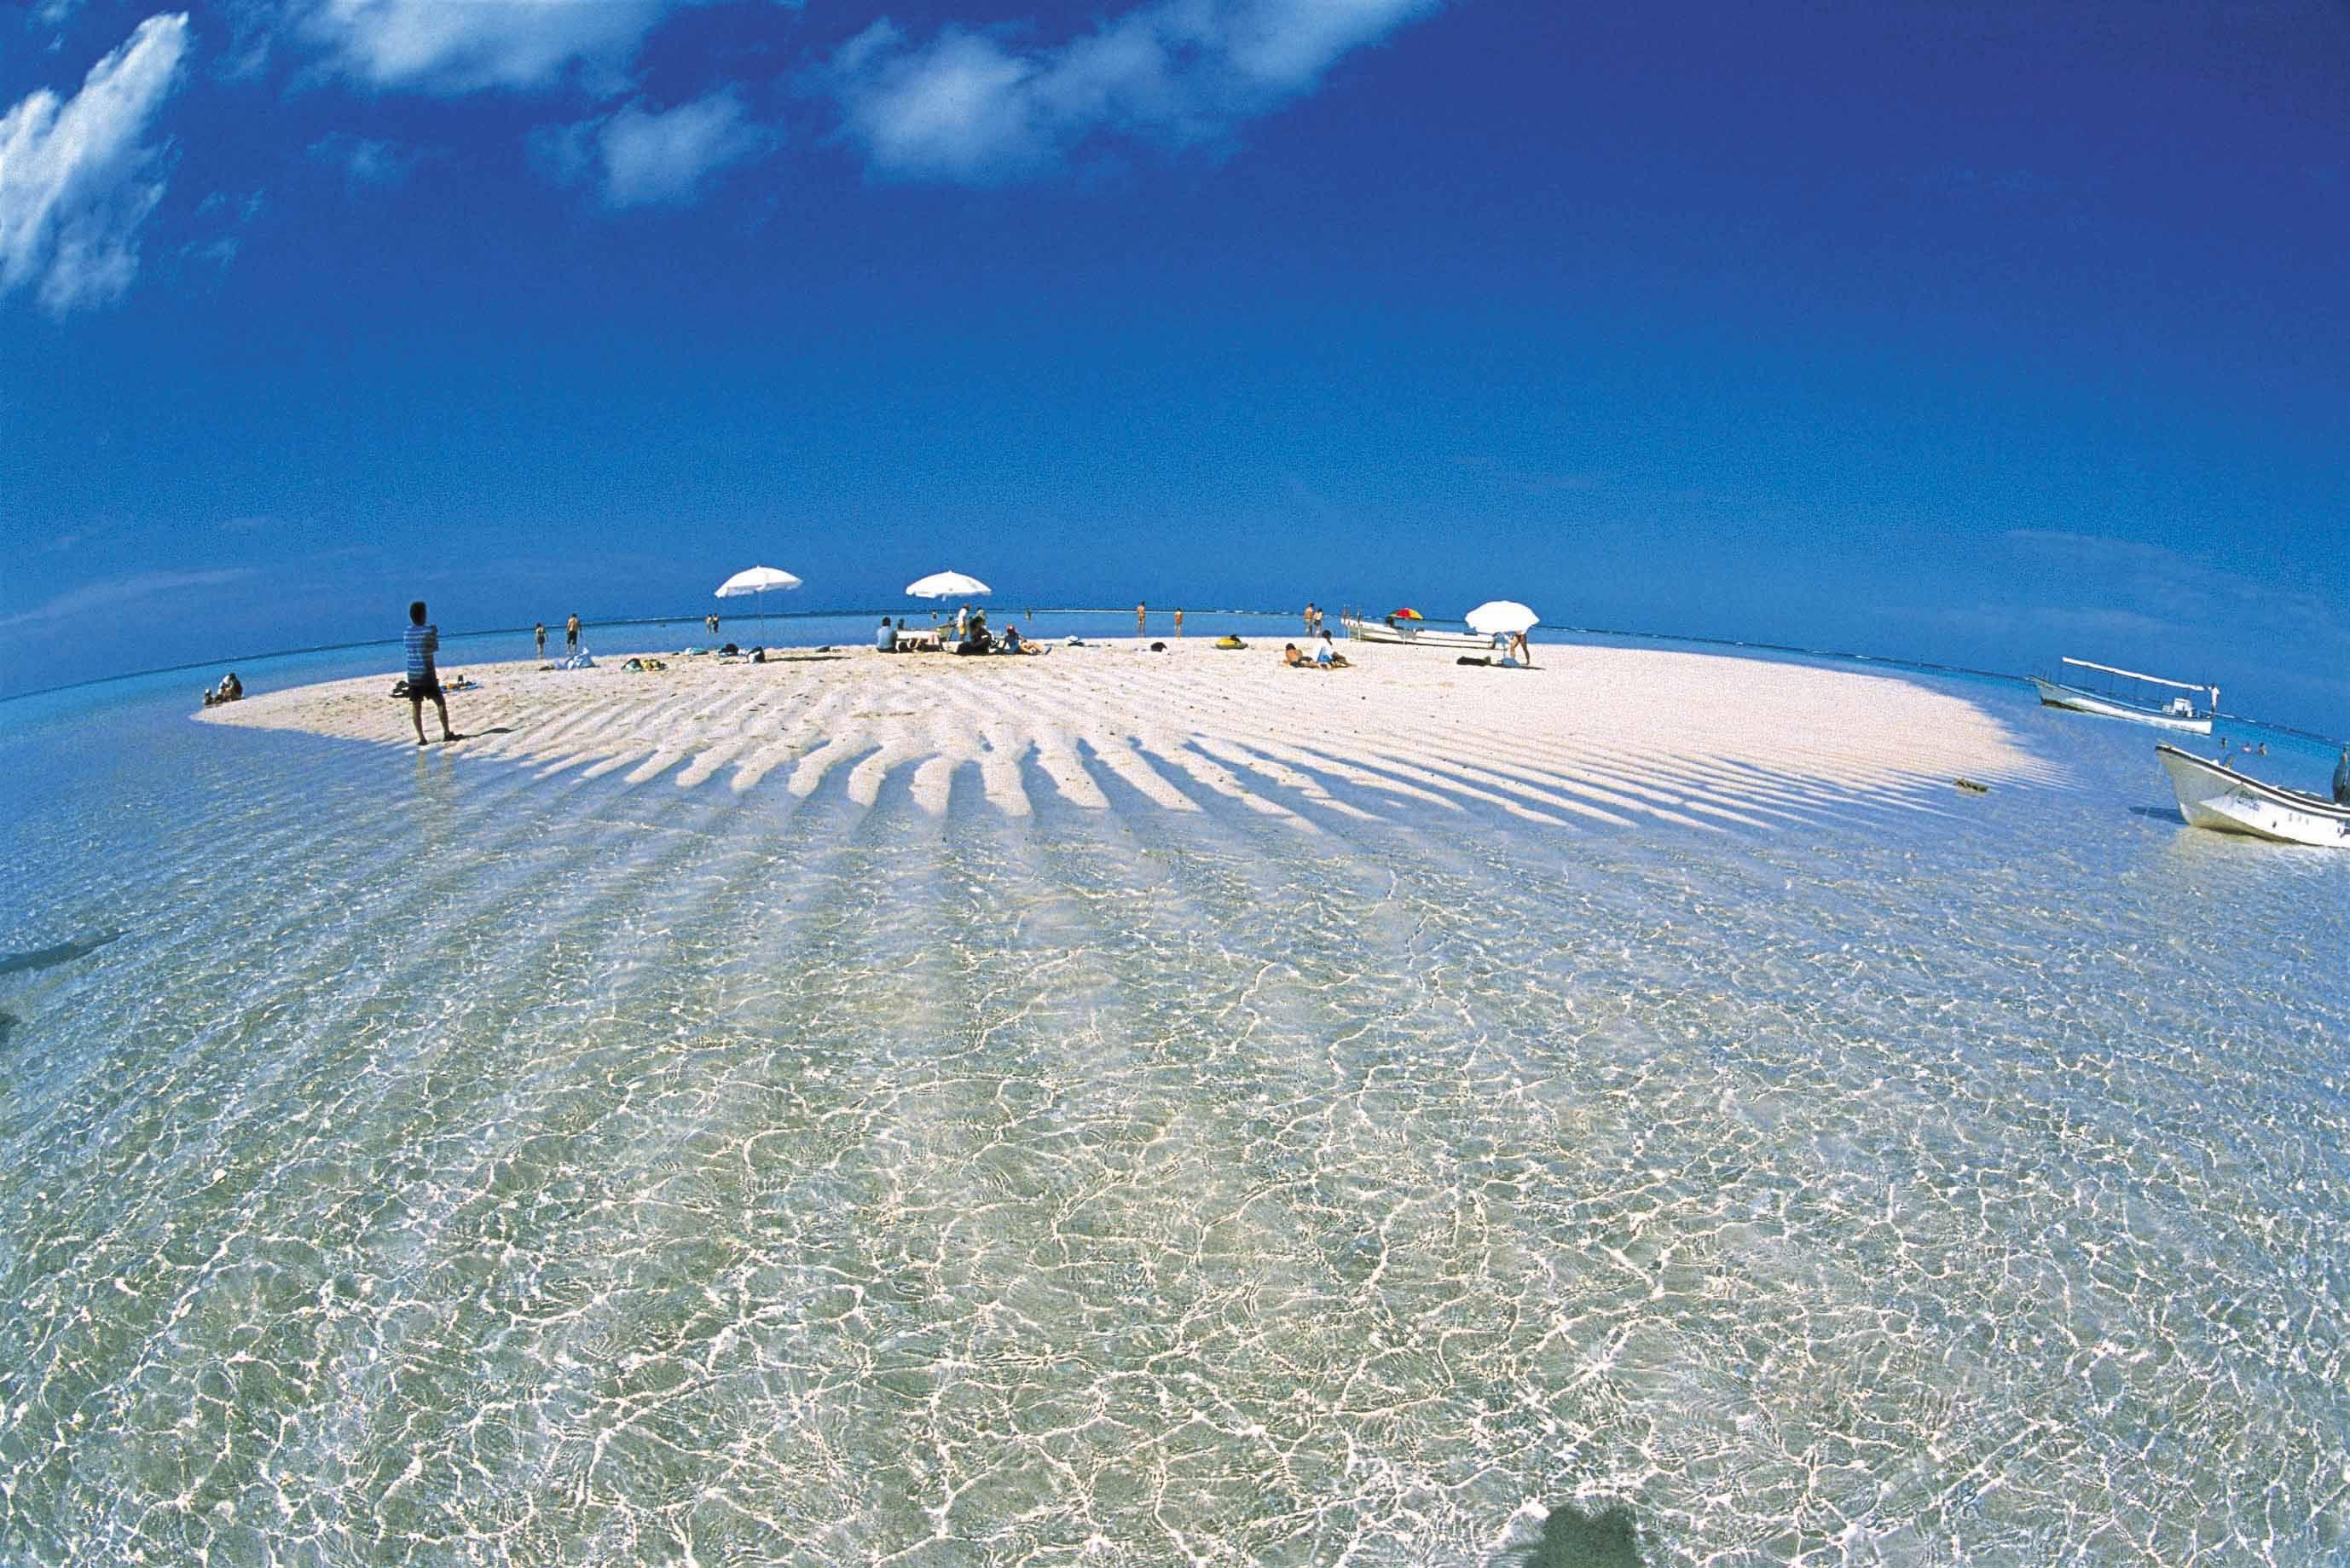 鹿児島_与論島_百合ヶ浜   Yurigahama beach on Yoronjima island,Kagoshima